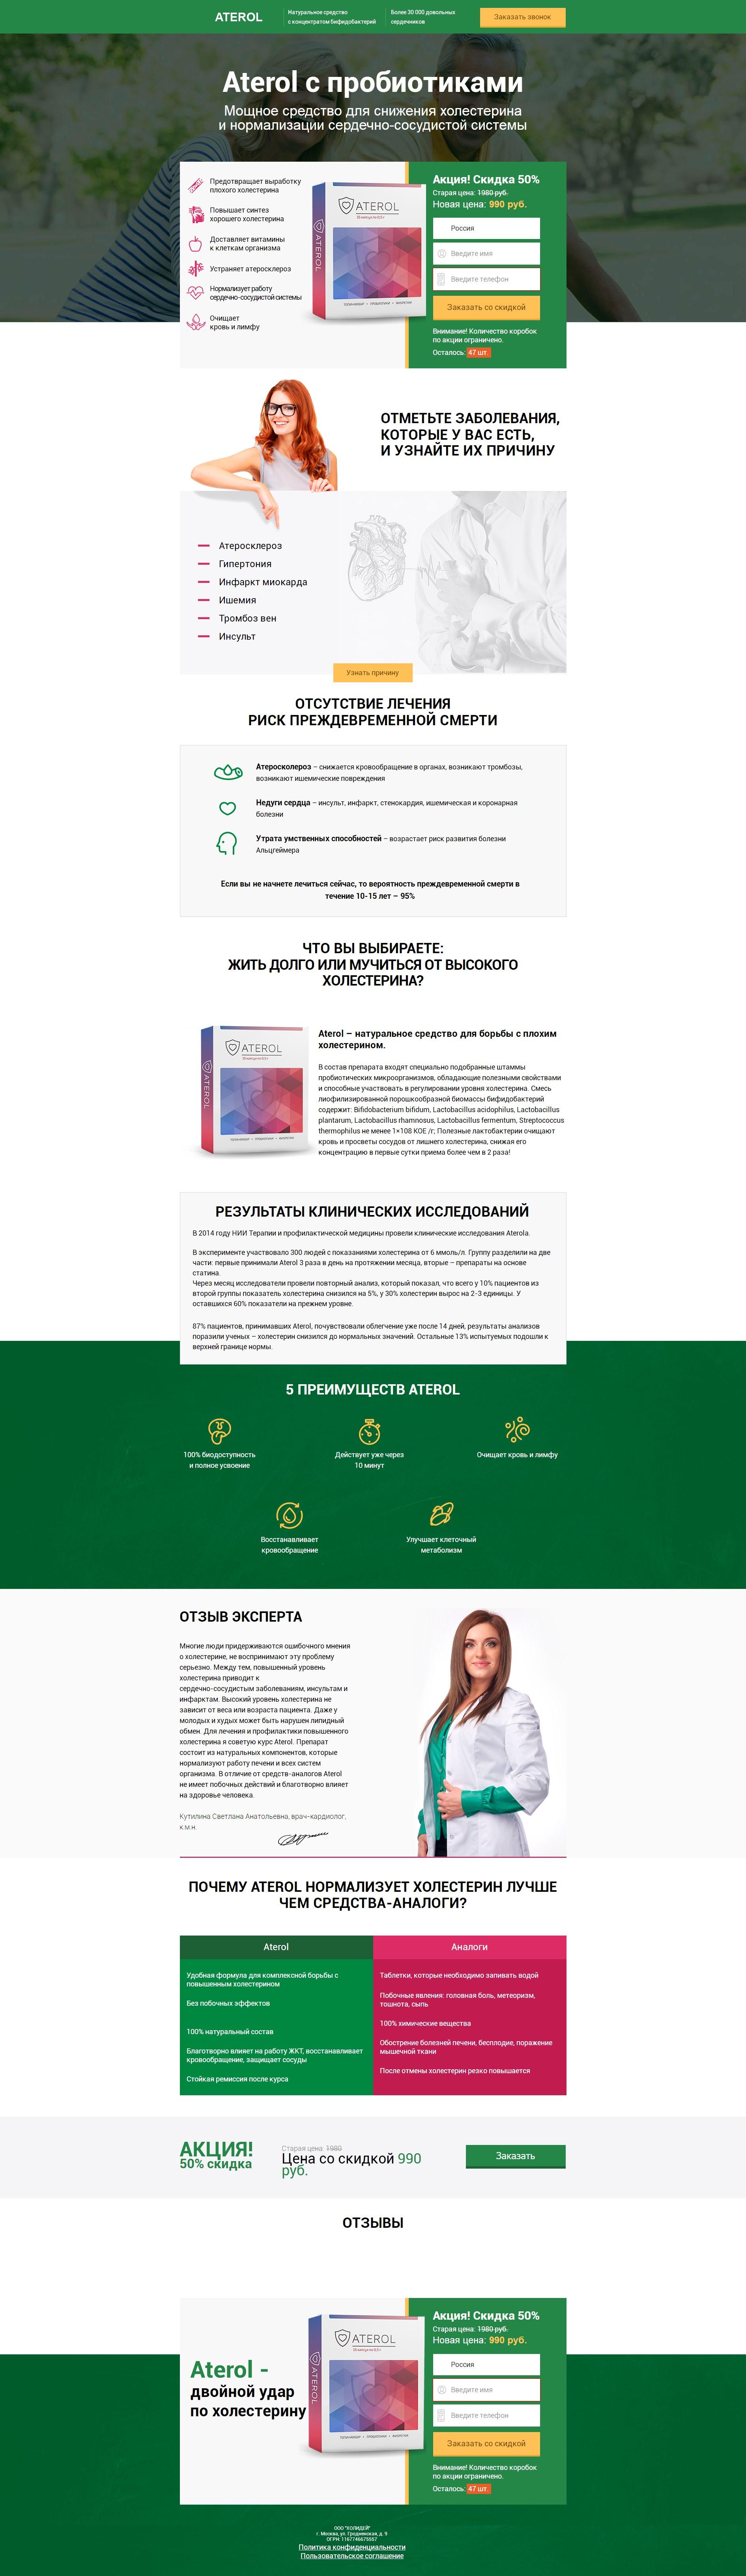 Репата (эволокумаб): инструкция по применению, аналоги, цены и отзывы